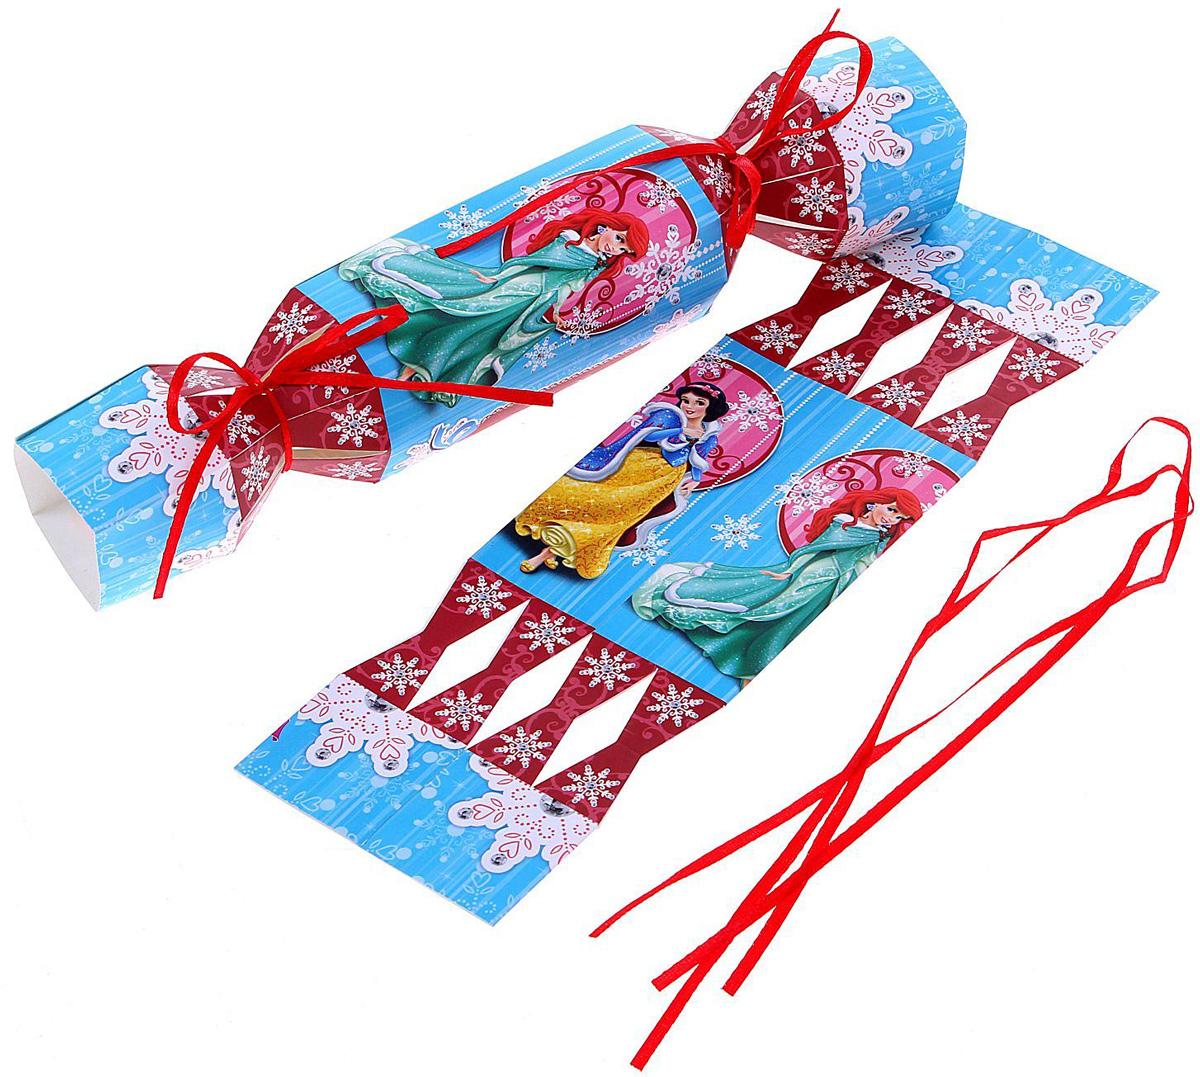 Складная коробка-конфета Disney Принцессы. Волшебного Нового года, 11 х 5 см. 11254141125414Любой подарок начинается с упаковки. Что может быть трогательнее и волшебнее, чем ритуал разворачивания полученного презента. И именно оригинальная, со вкусом выбранная упаковка выделит ваш подарок из массы других. Она продемонстрирует самые теплые чувства к виновнику торжества и создаст сказочную атмосферу праздника.